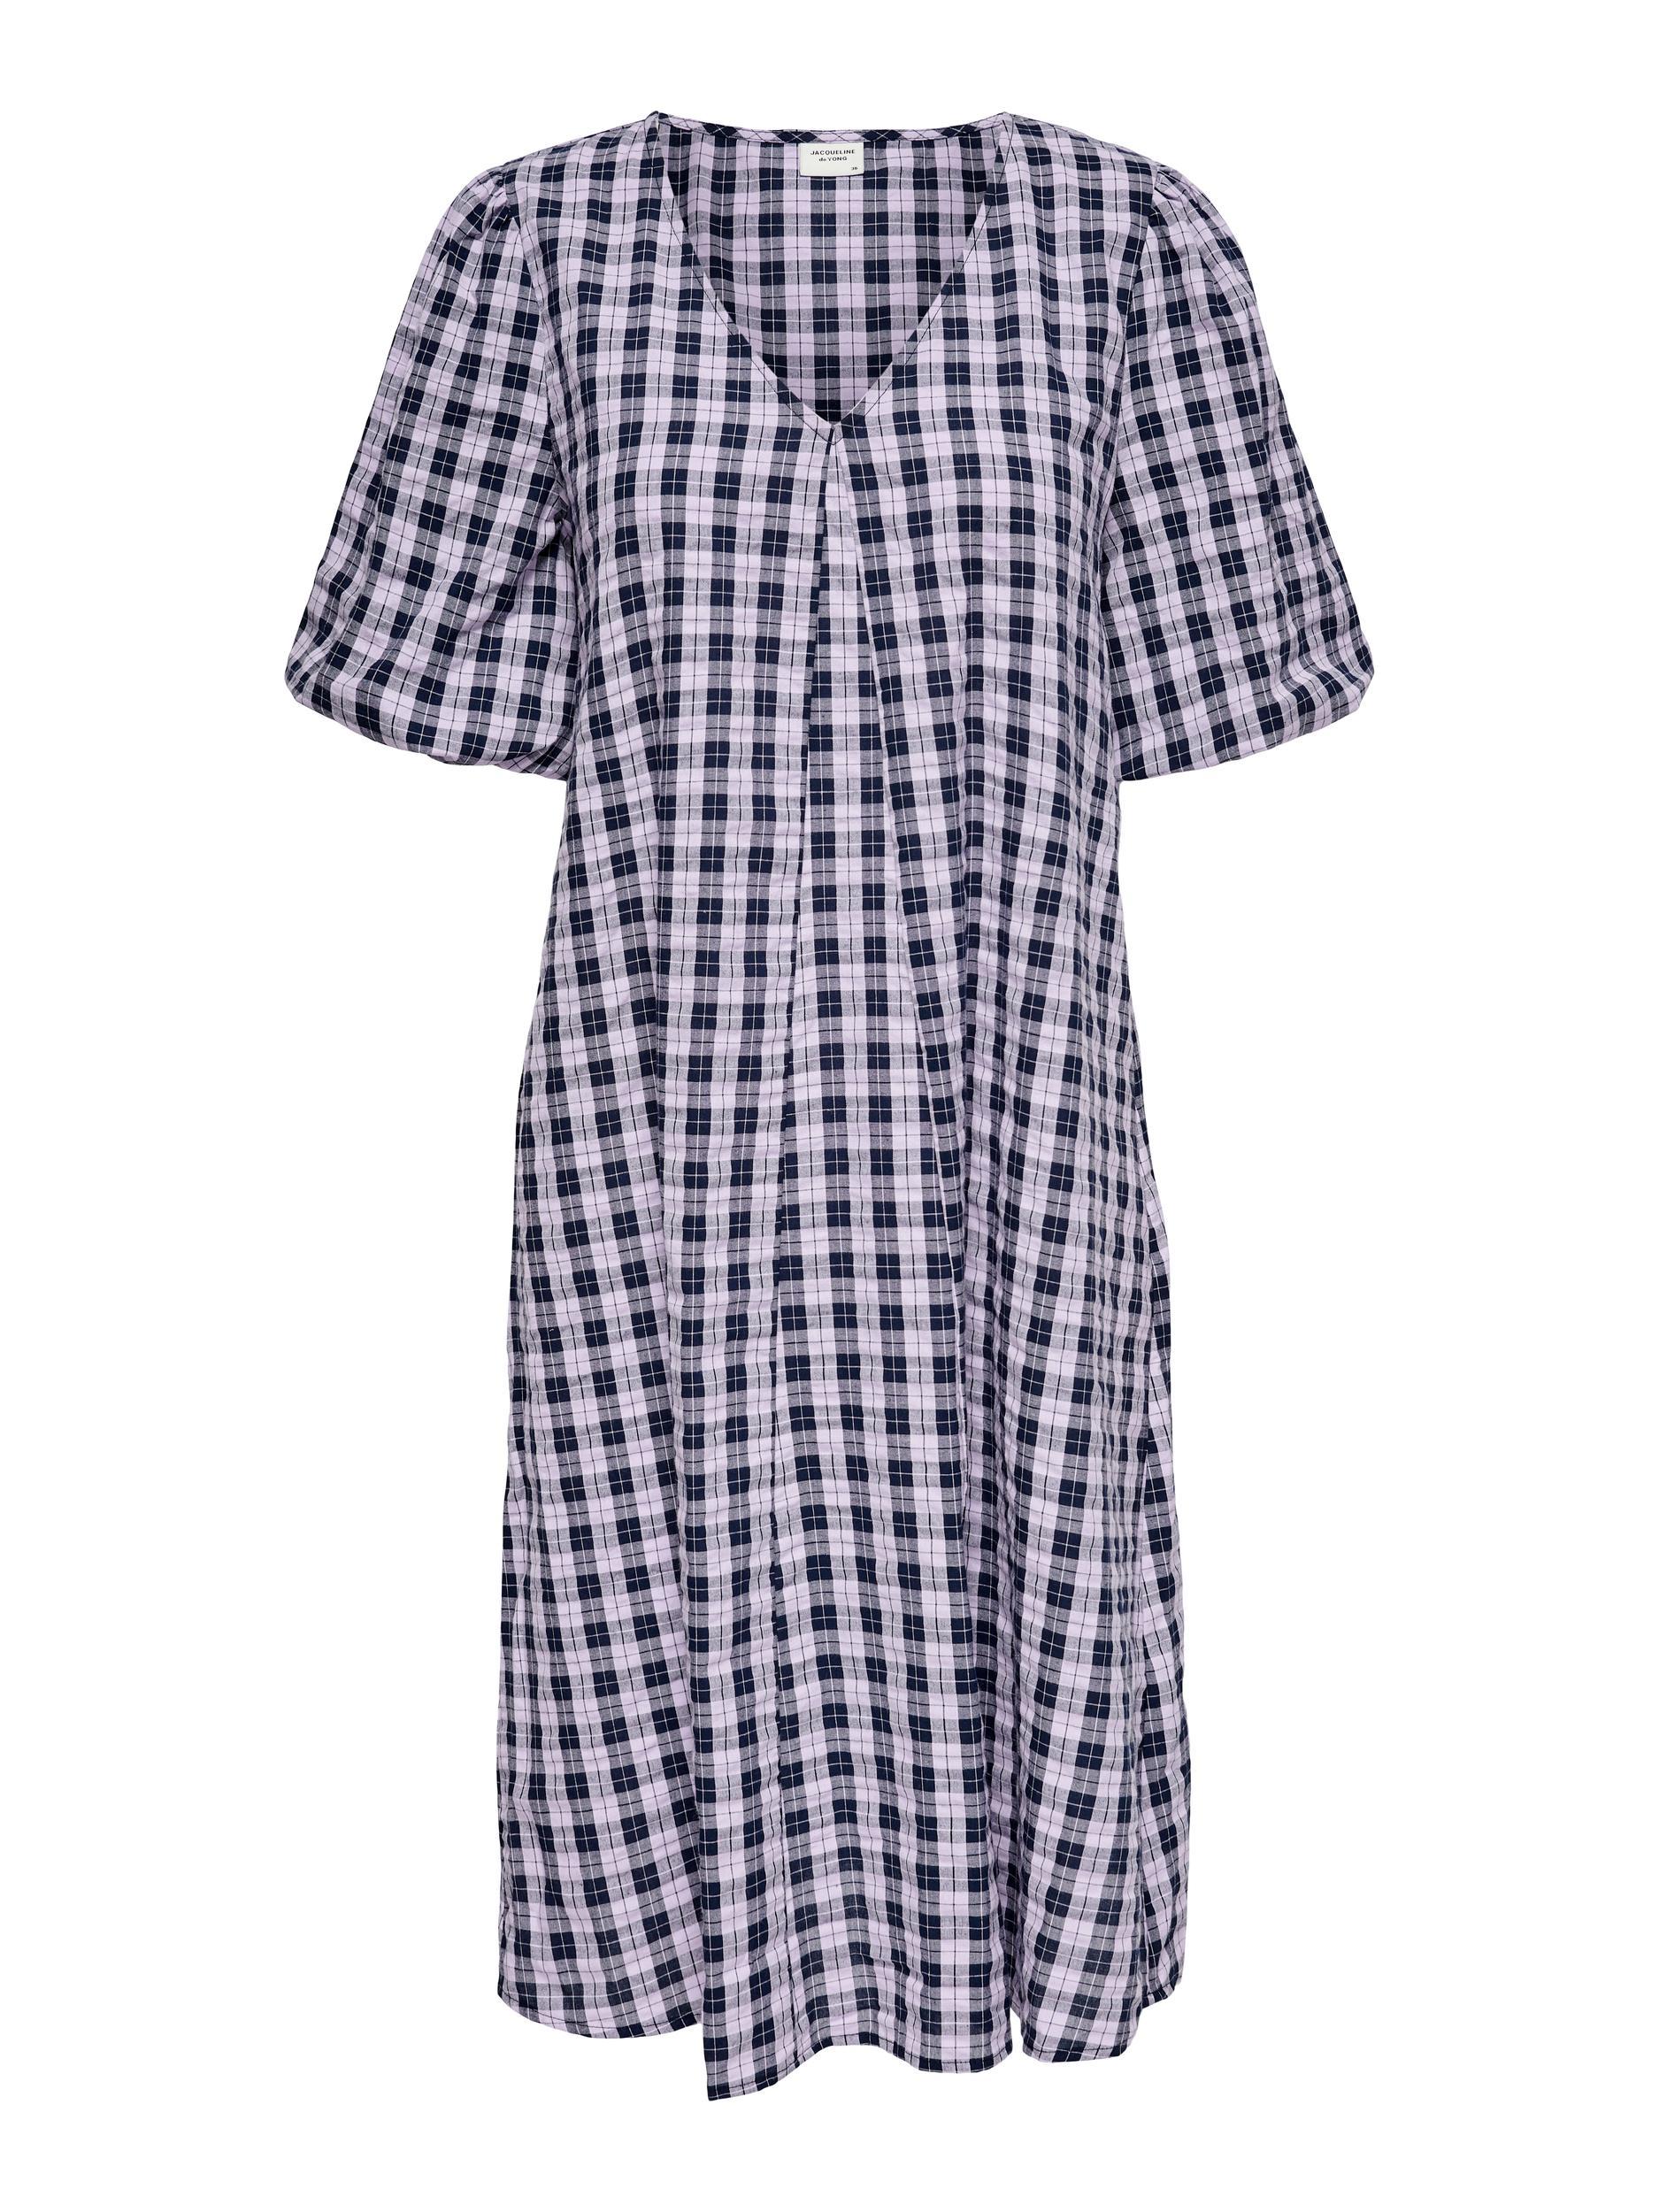 Jacqueline de Yong Chick kjole, pastel lilac, 34